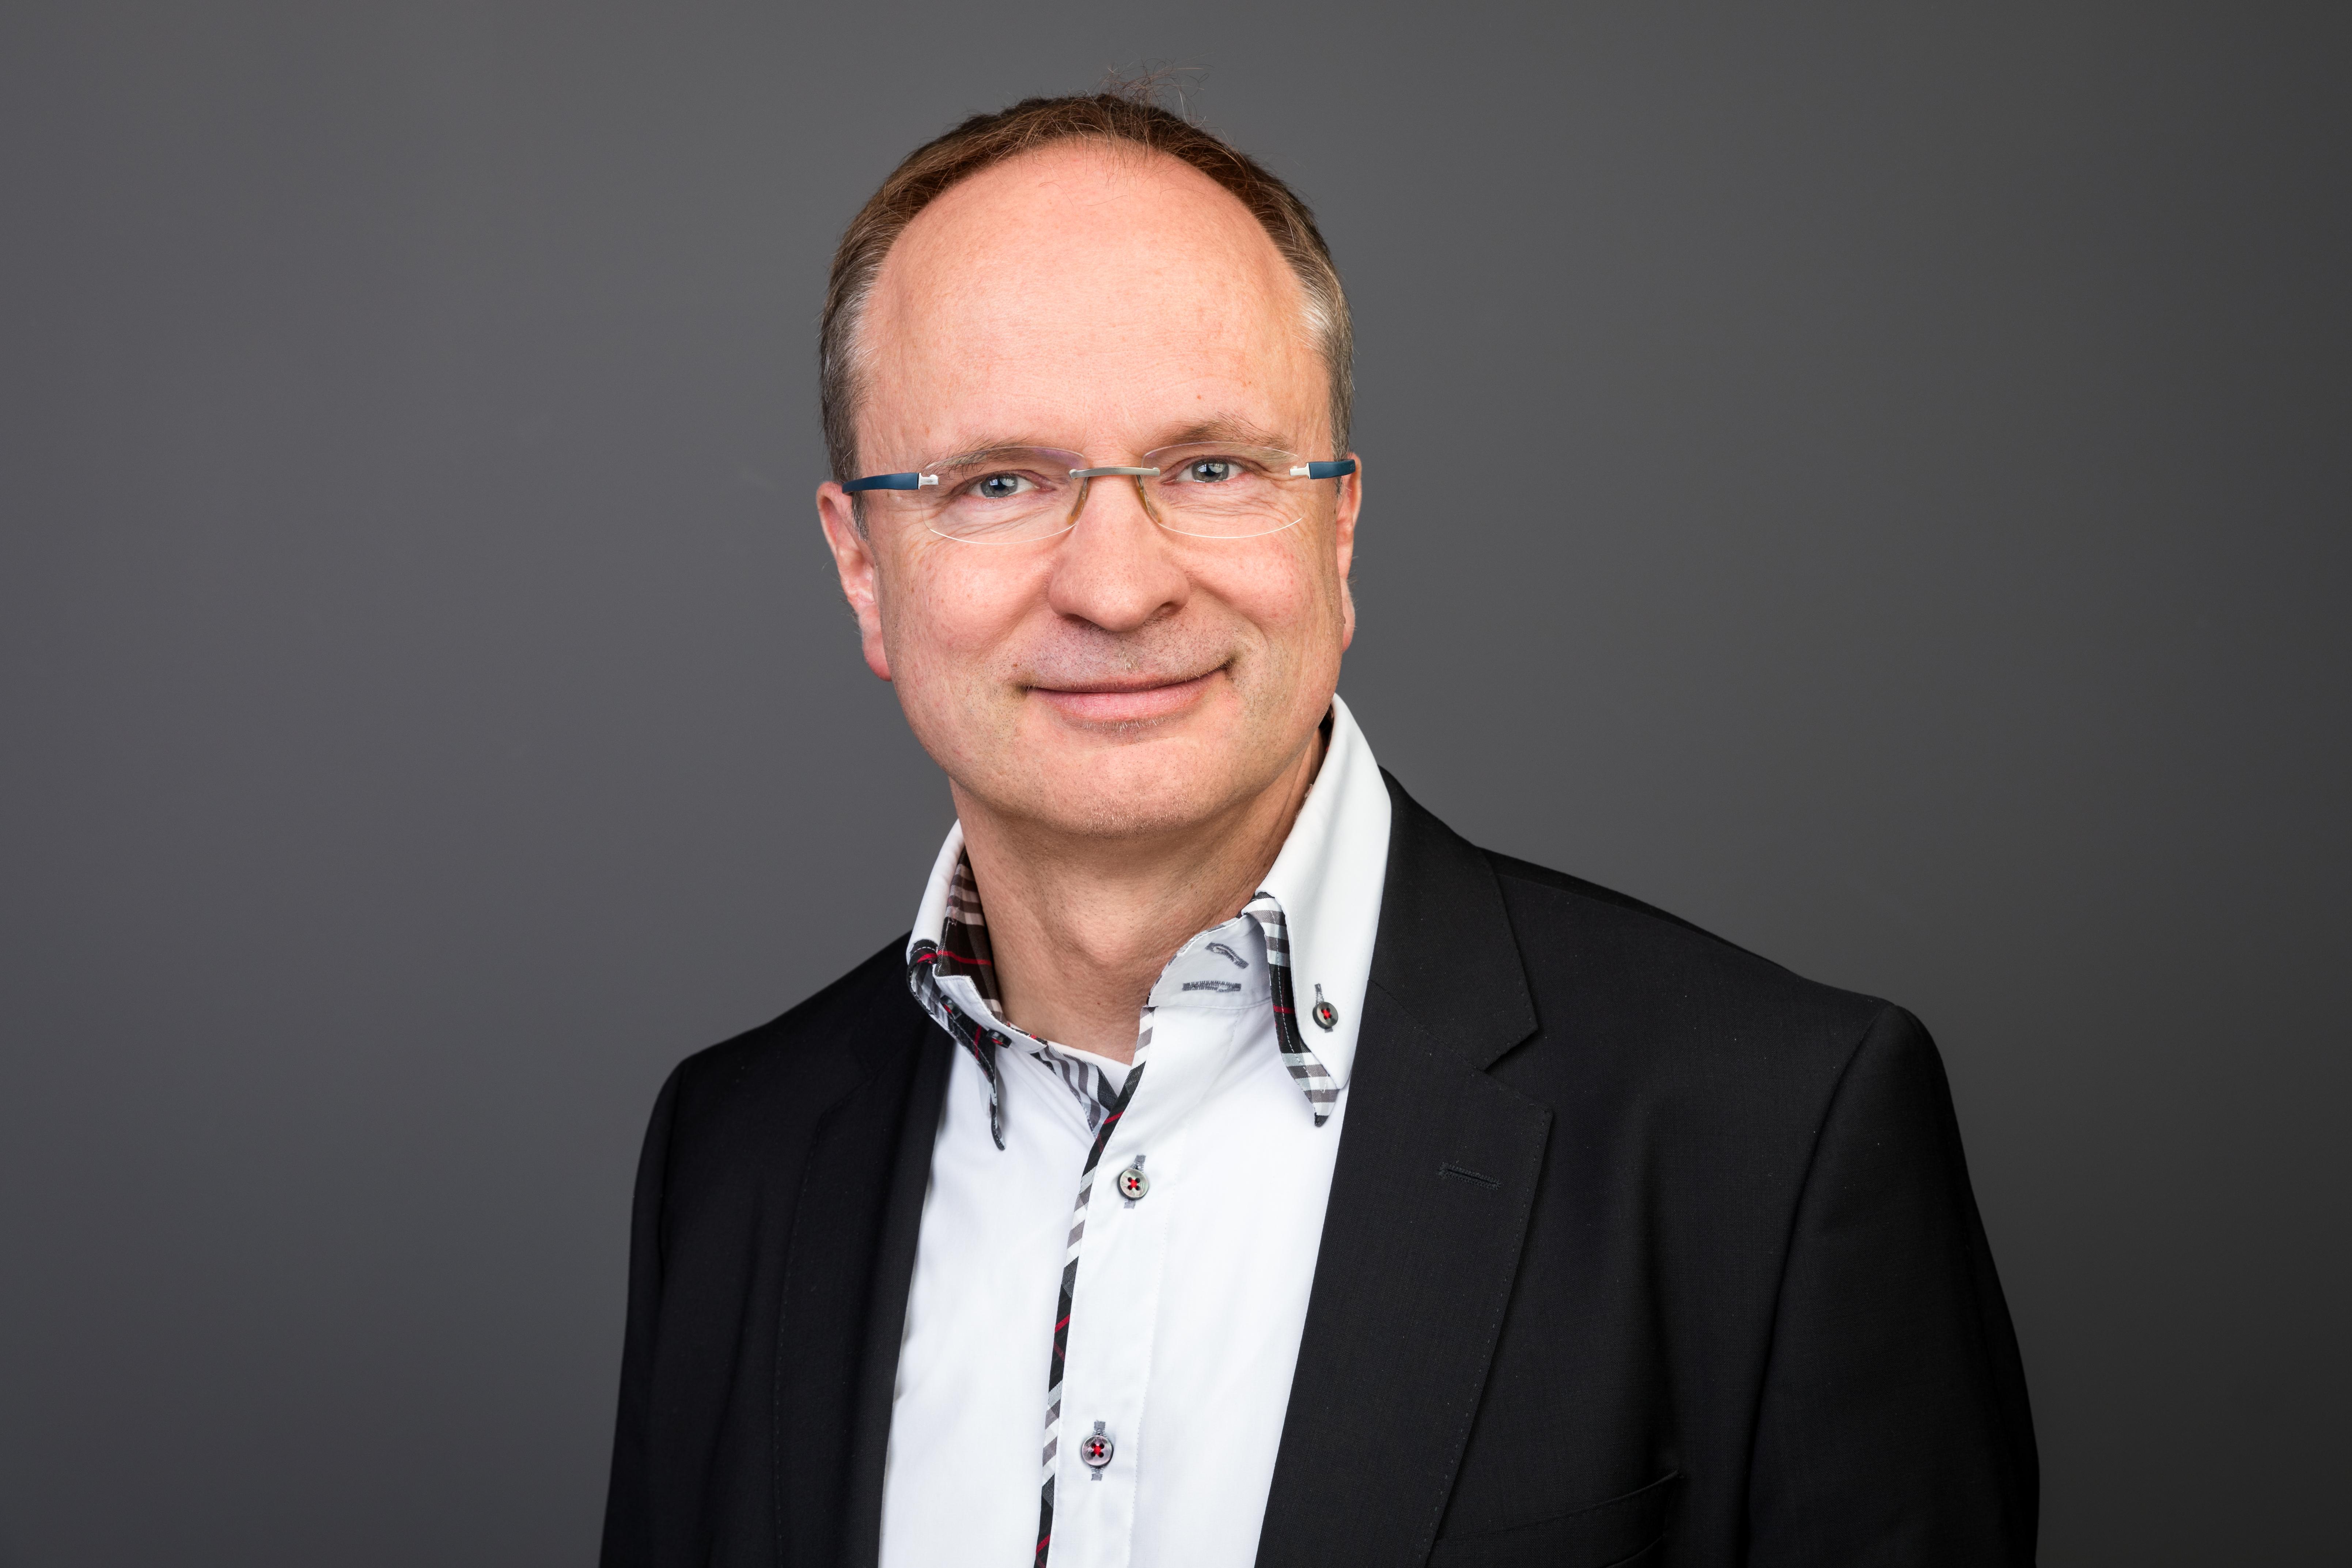 Hans Gerd Prange